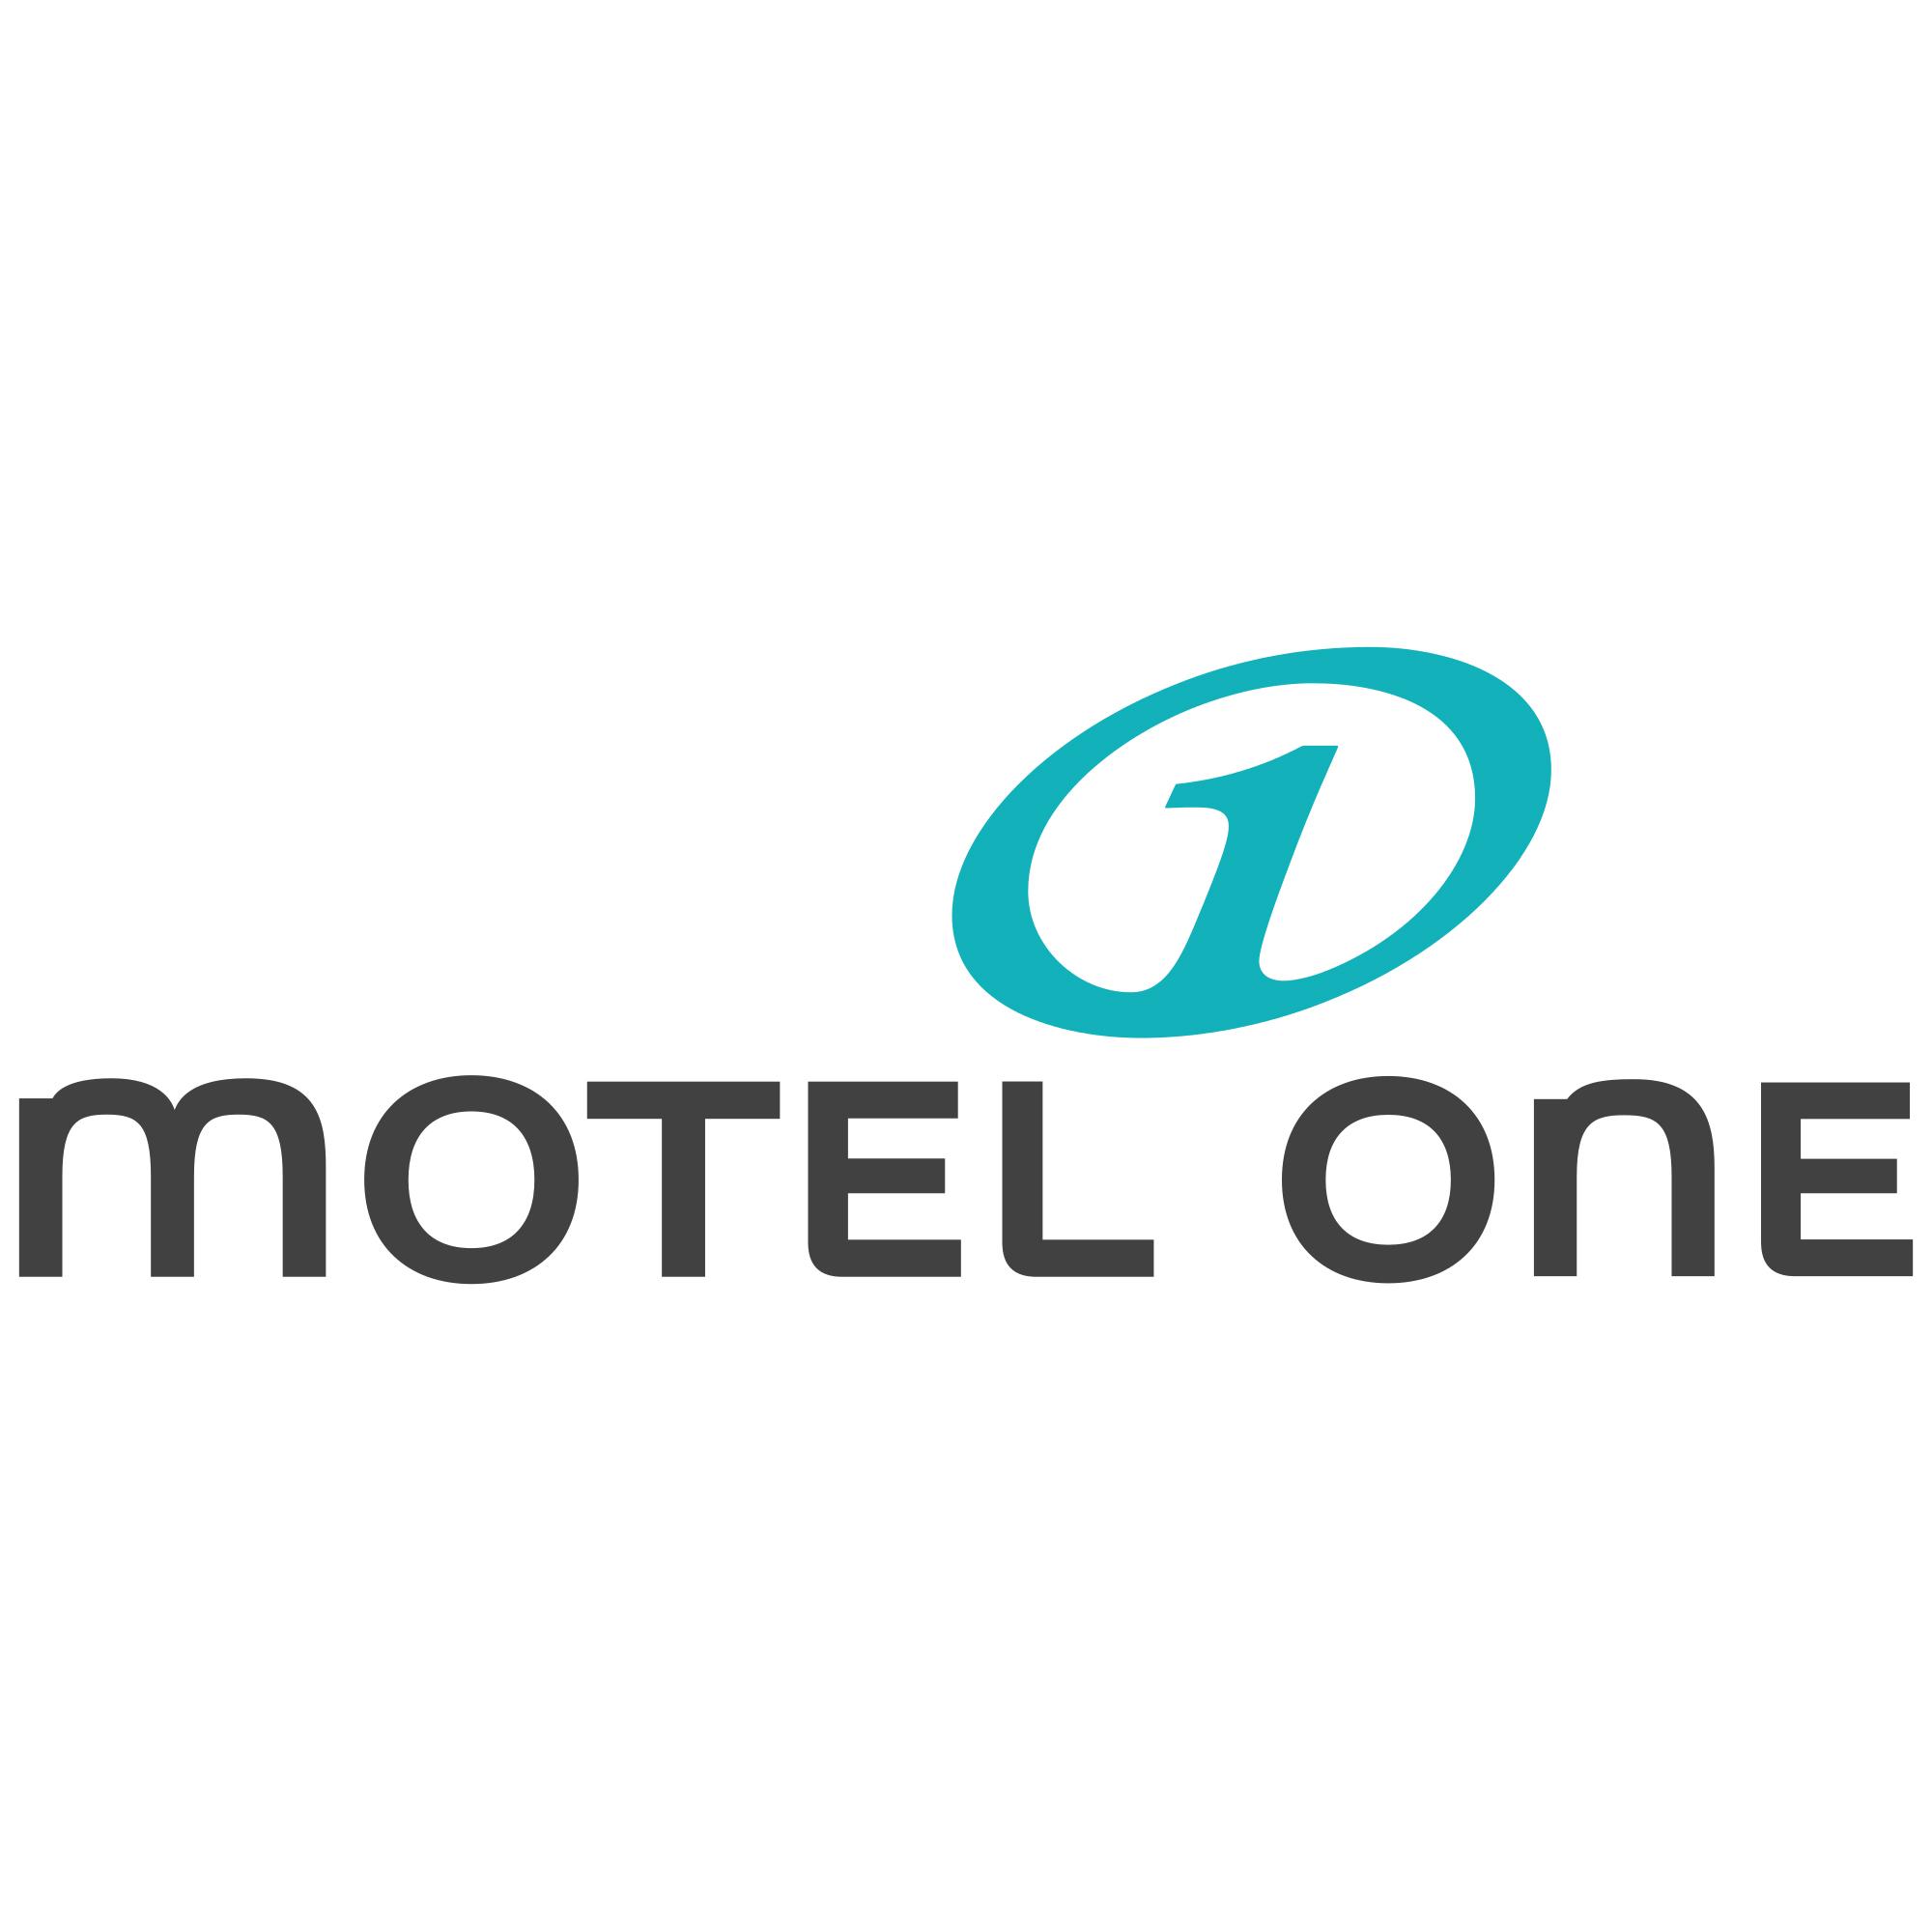 Motel_One_logo